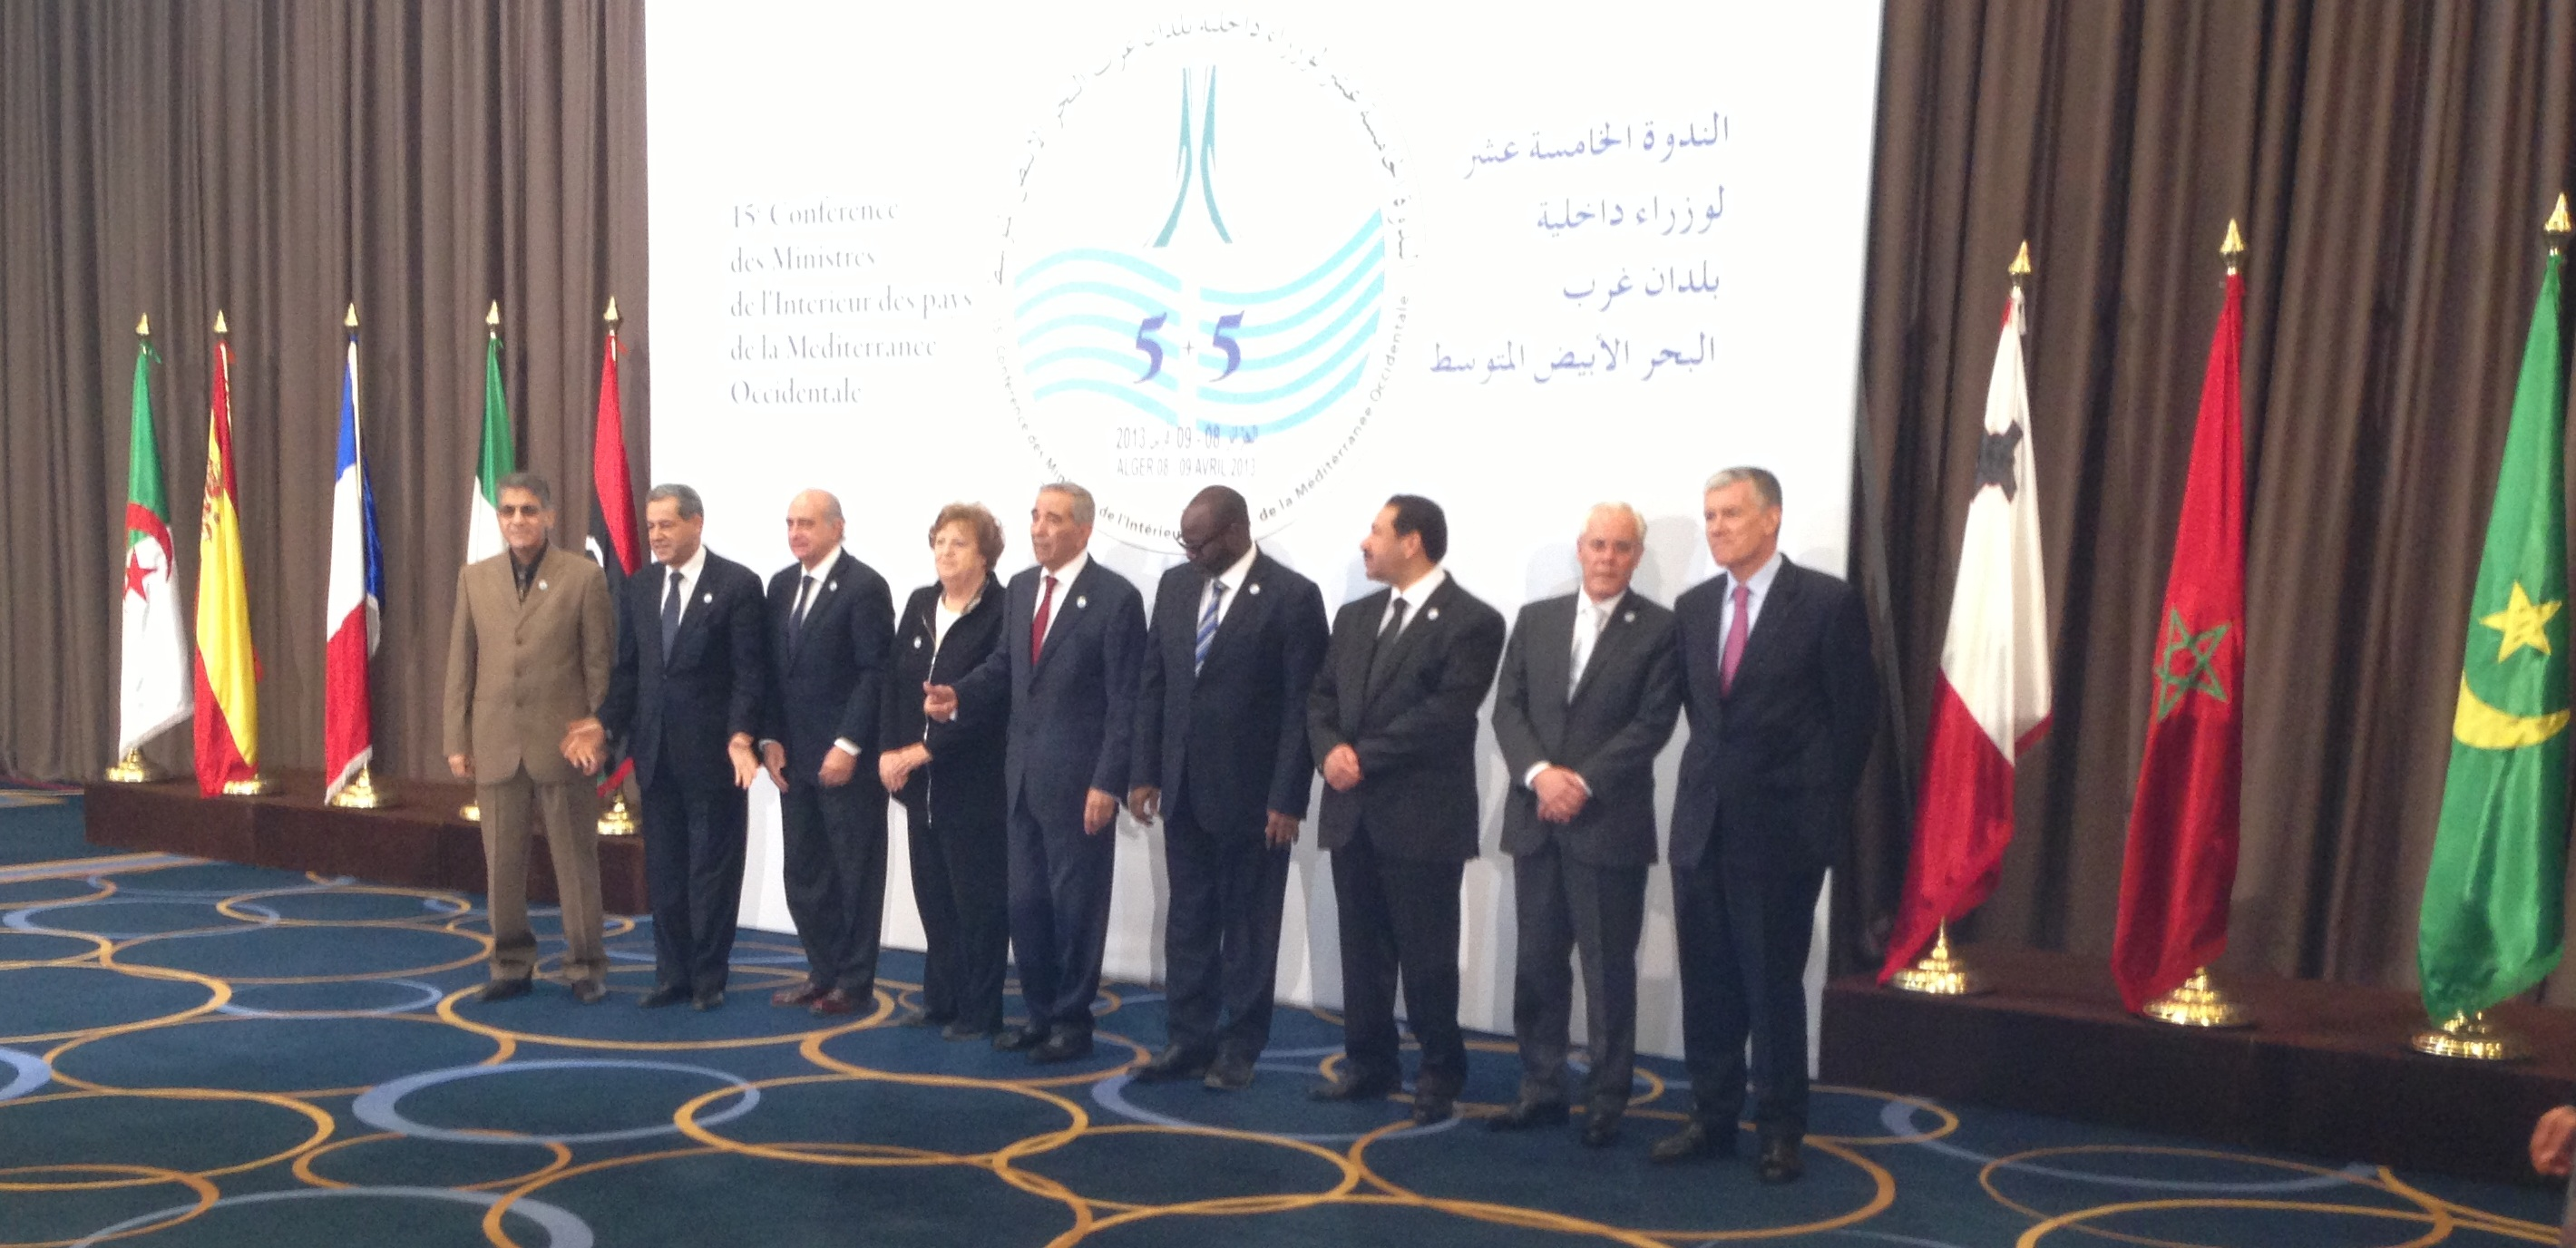 Los ministros del interior de espa a portugal francia for Ministros de espana